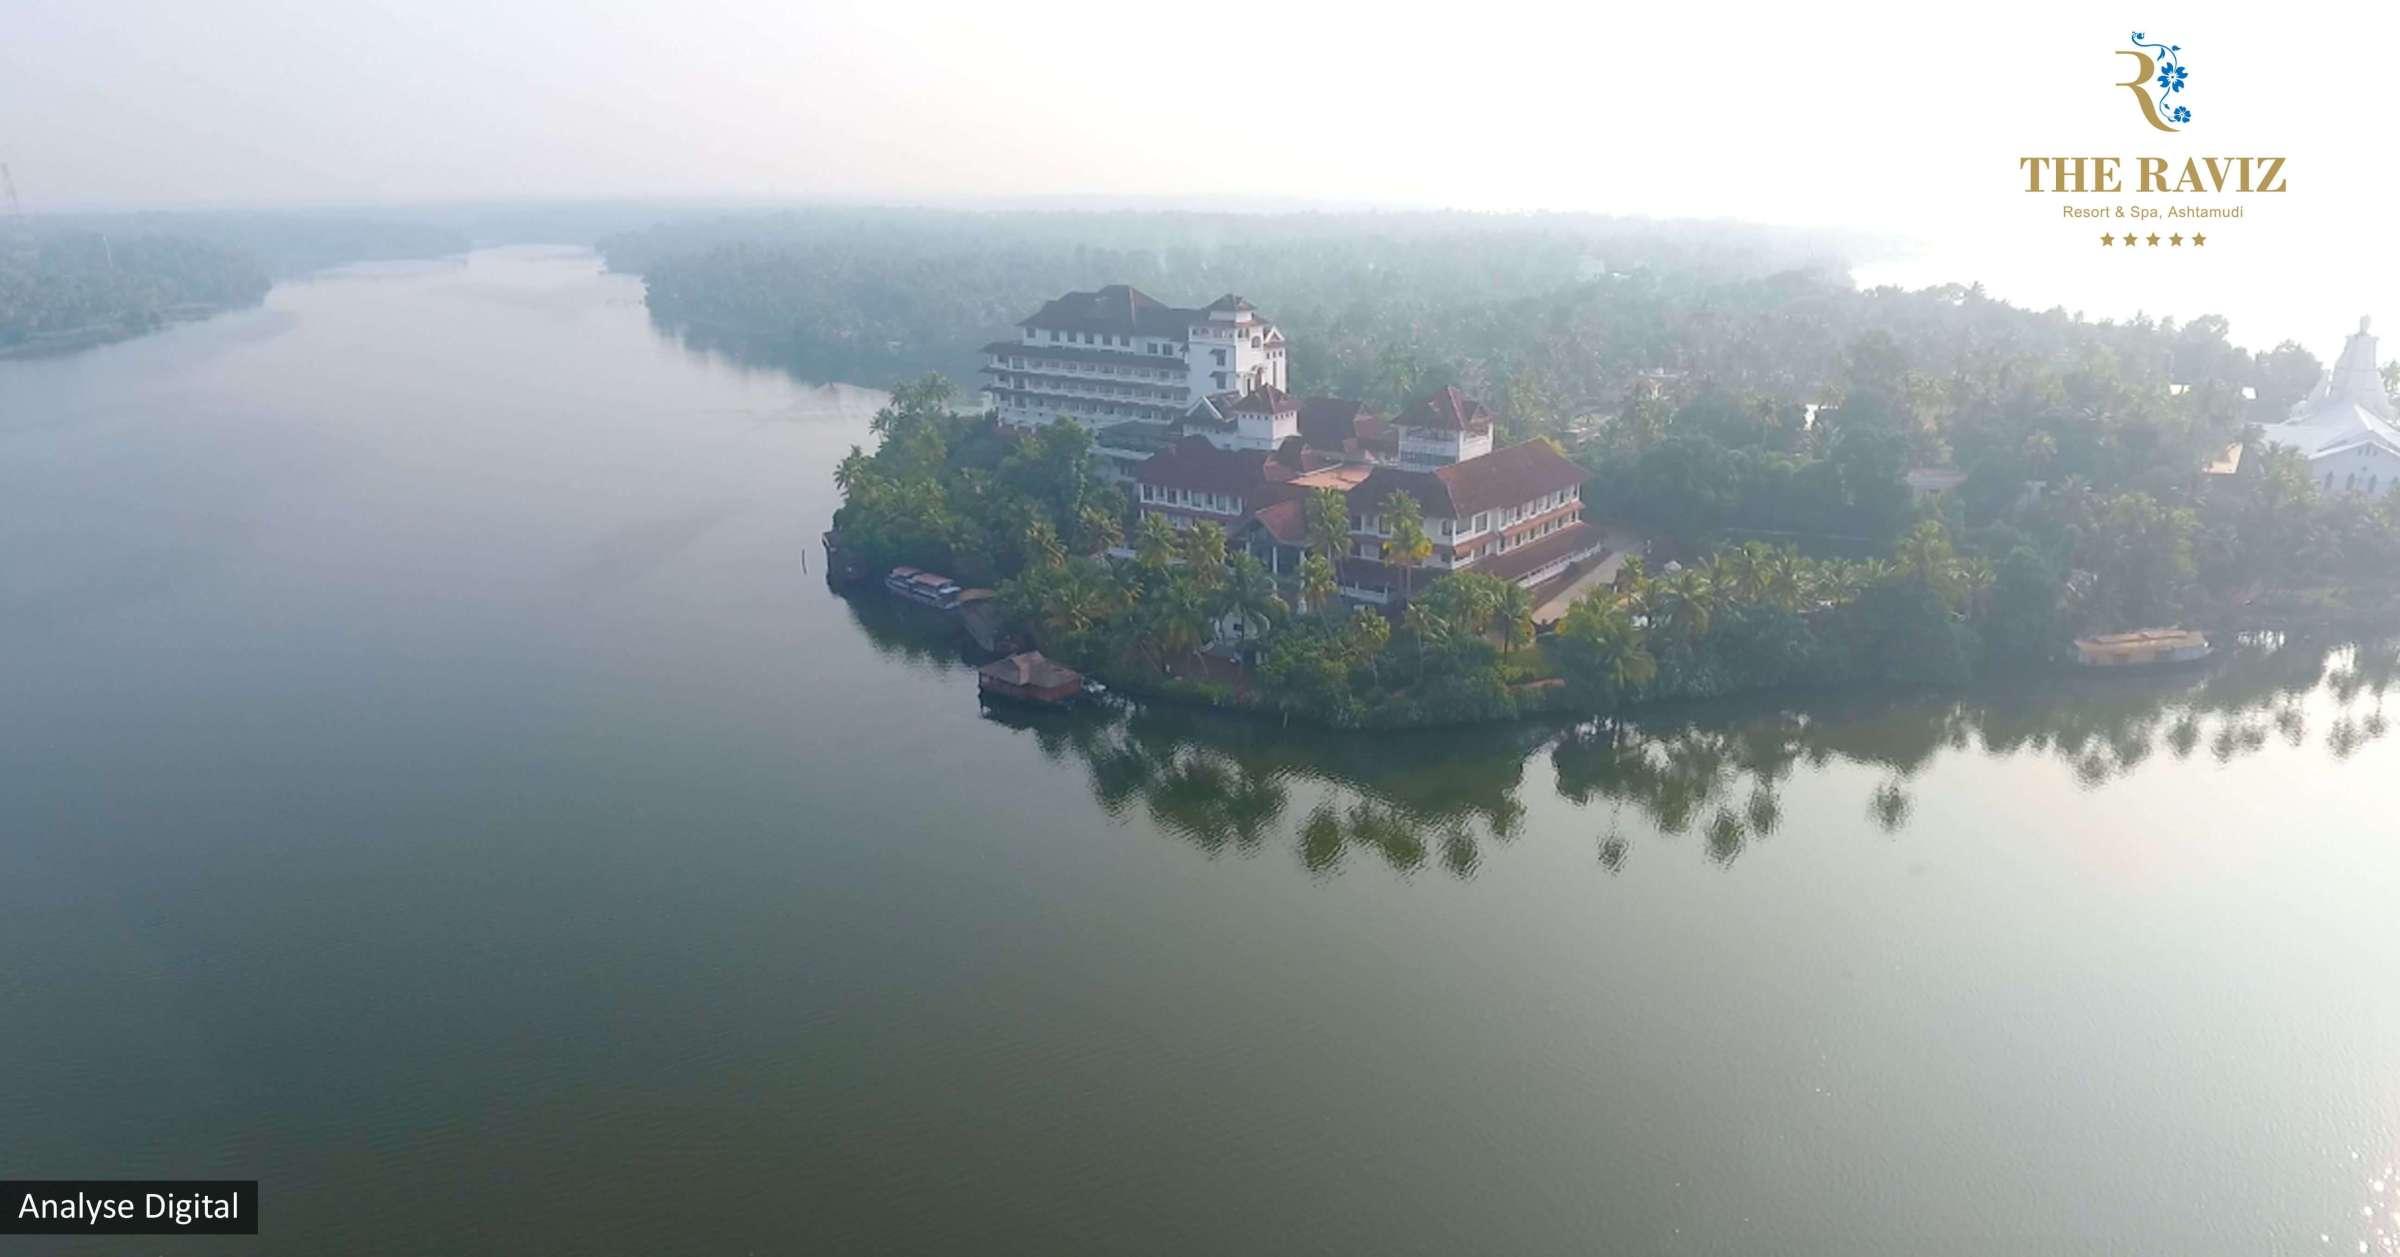 A Bird's Eye View of Ashtamudi